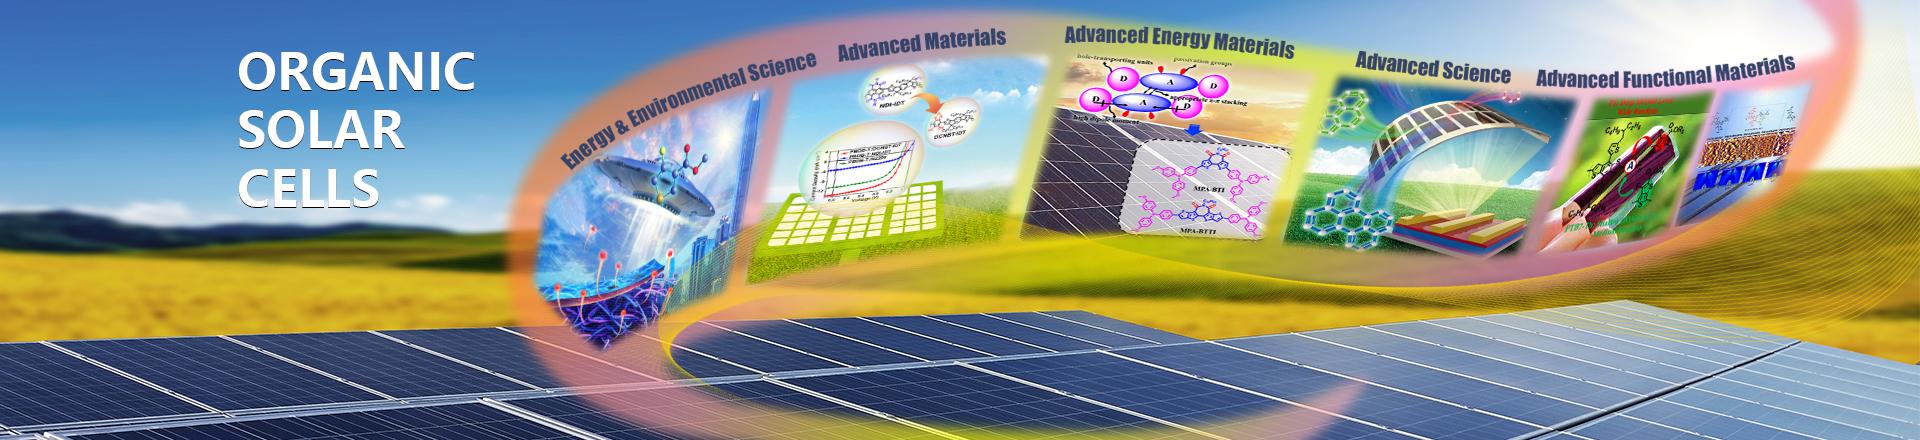 我系教授郭旭崗課題組在太陽能電池領域取得系列研究進展